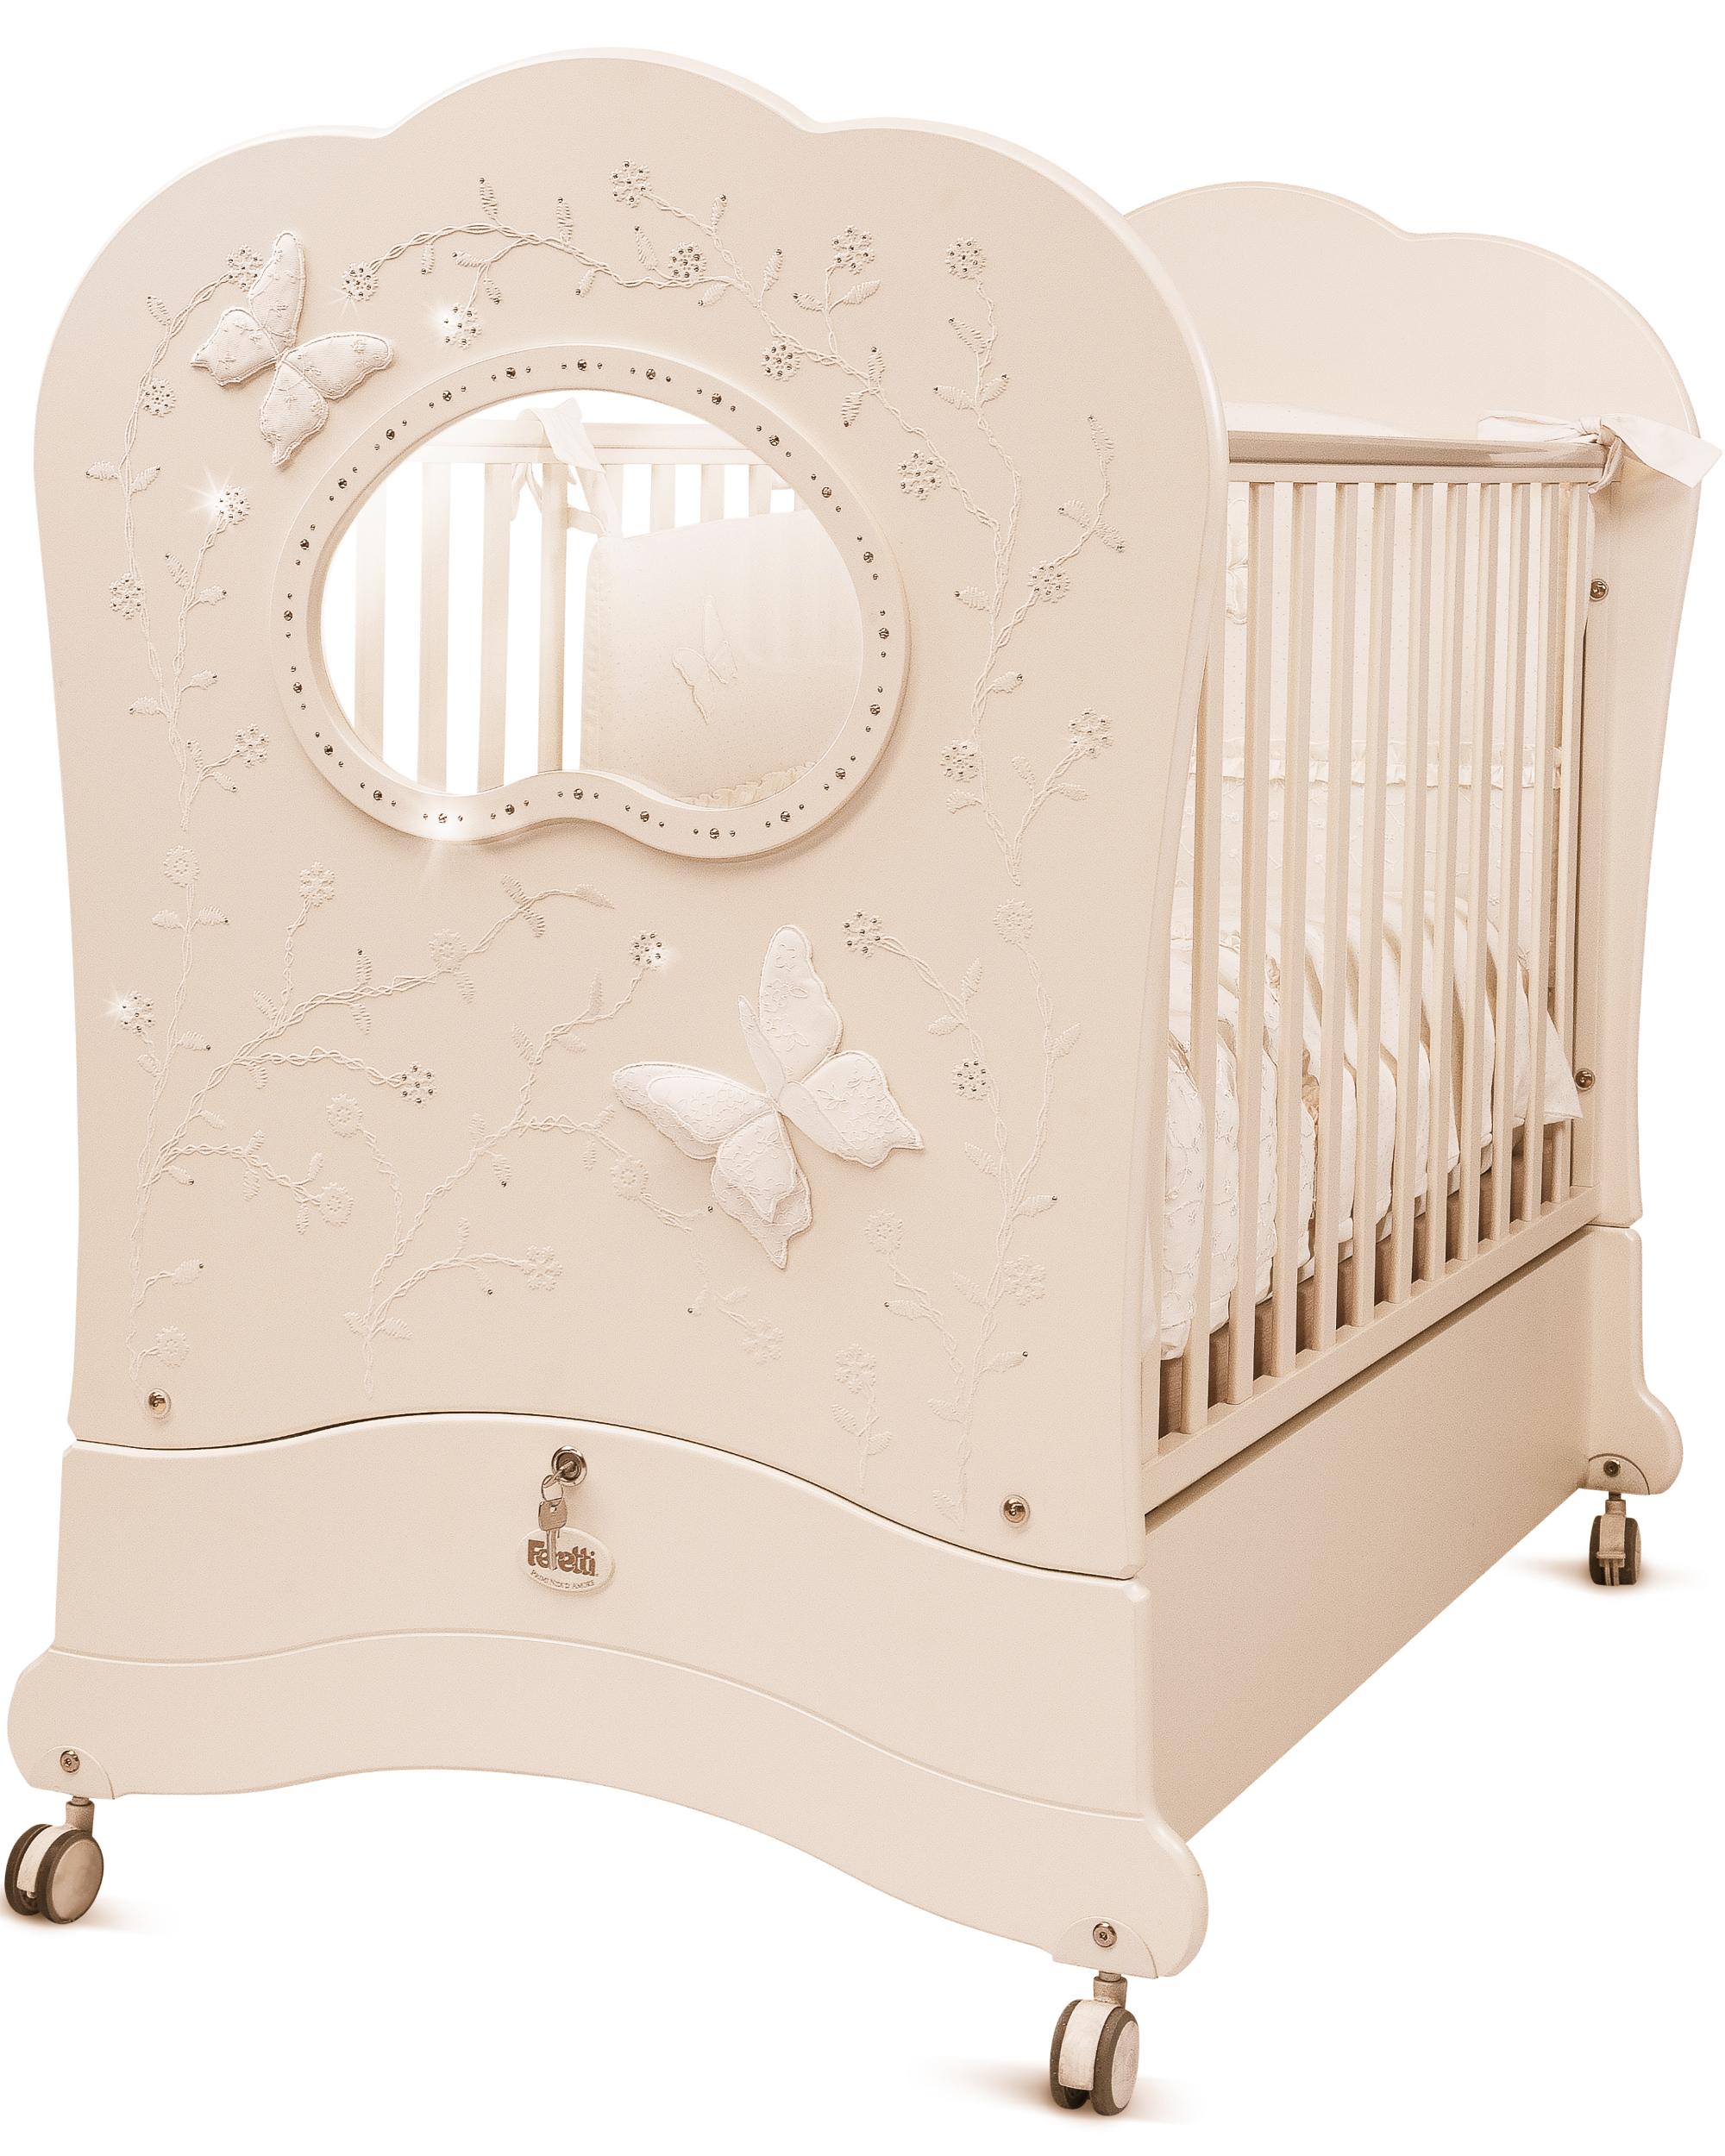 Кровать детская Feretti Fms Oblo Charme Brillante Avorio/ IvoryДетские кровати и мягкая мебель<br>Кровать детская Feretti Fms Oblo Charme Brillante Avorio/ Ivory<br>